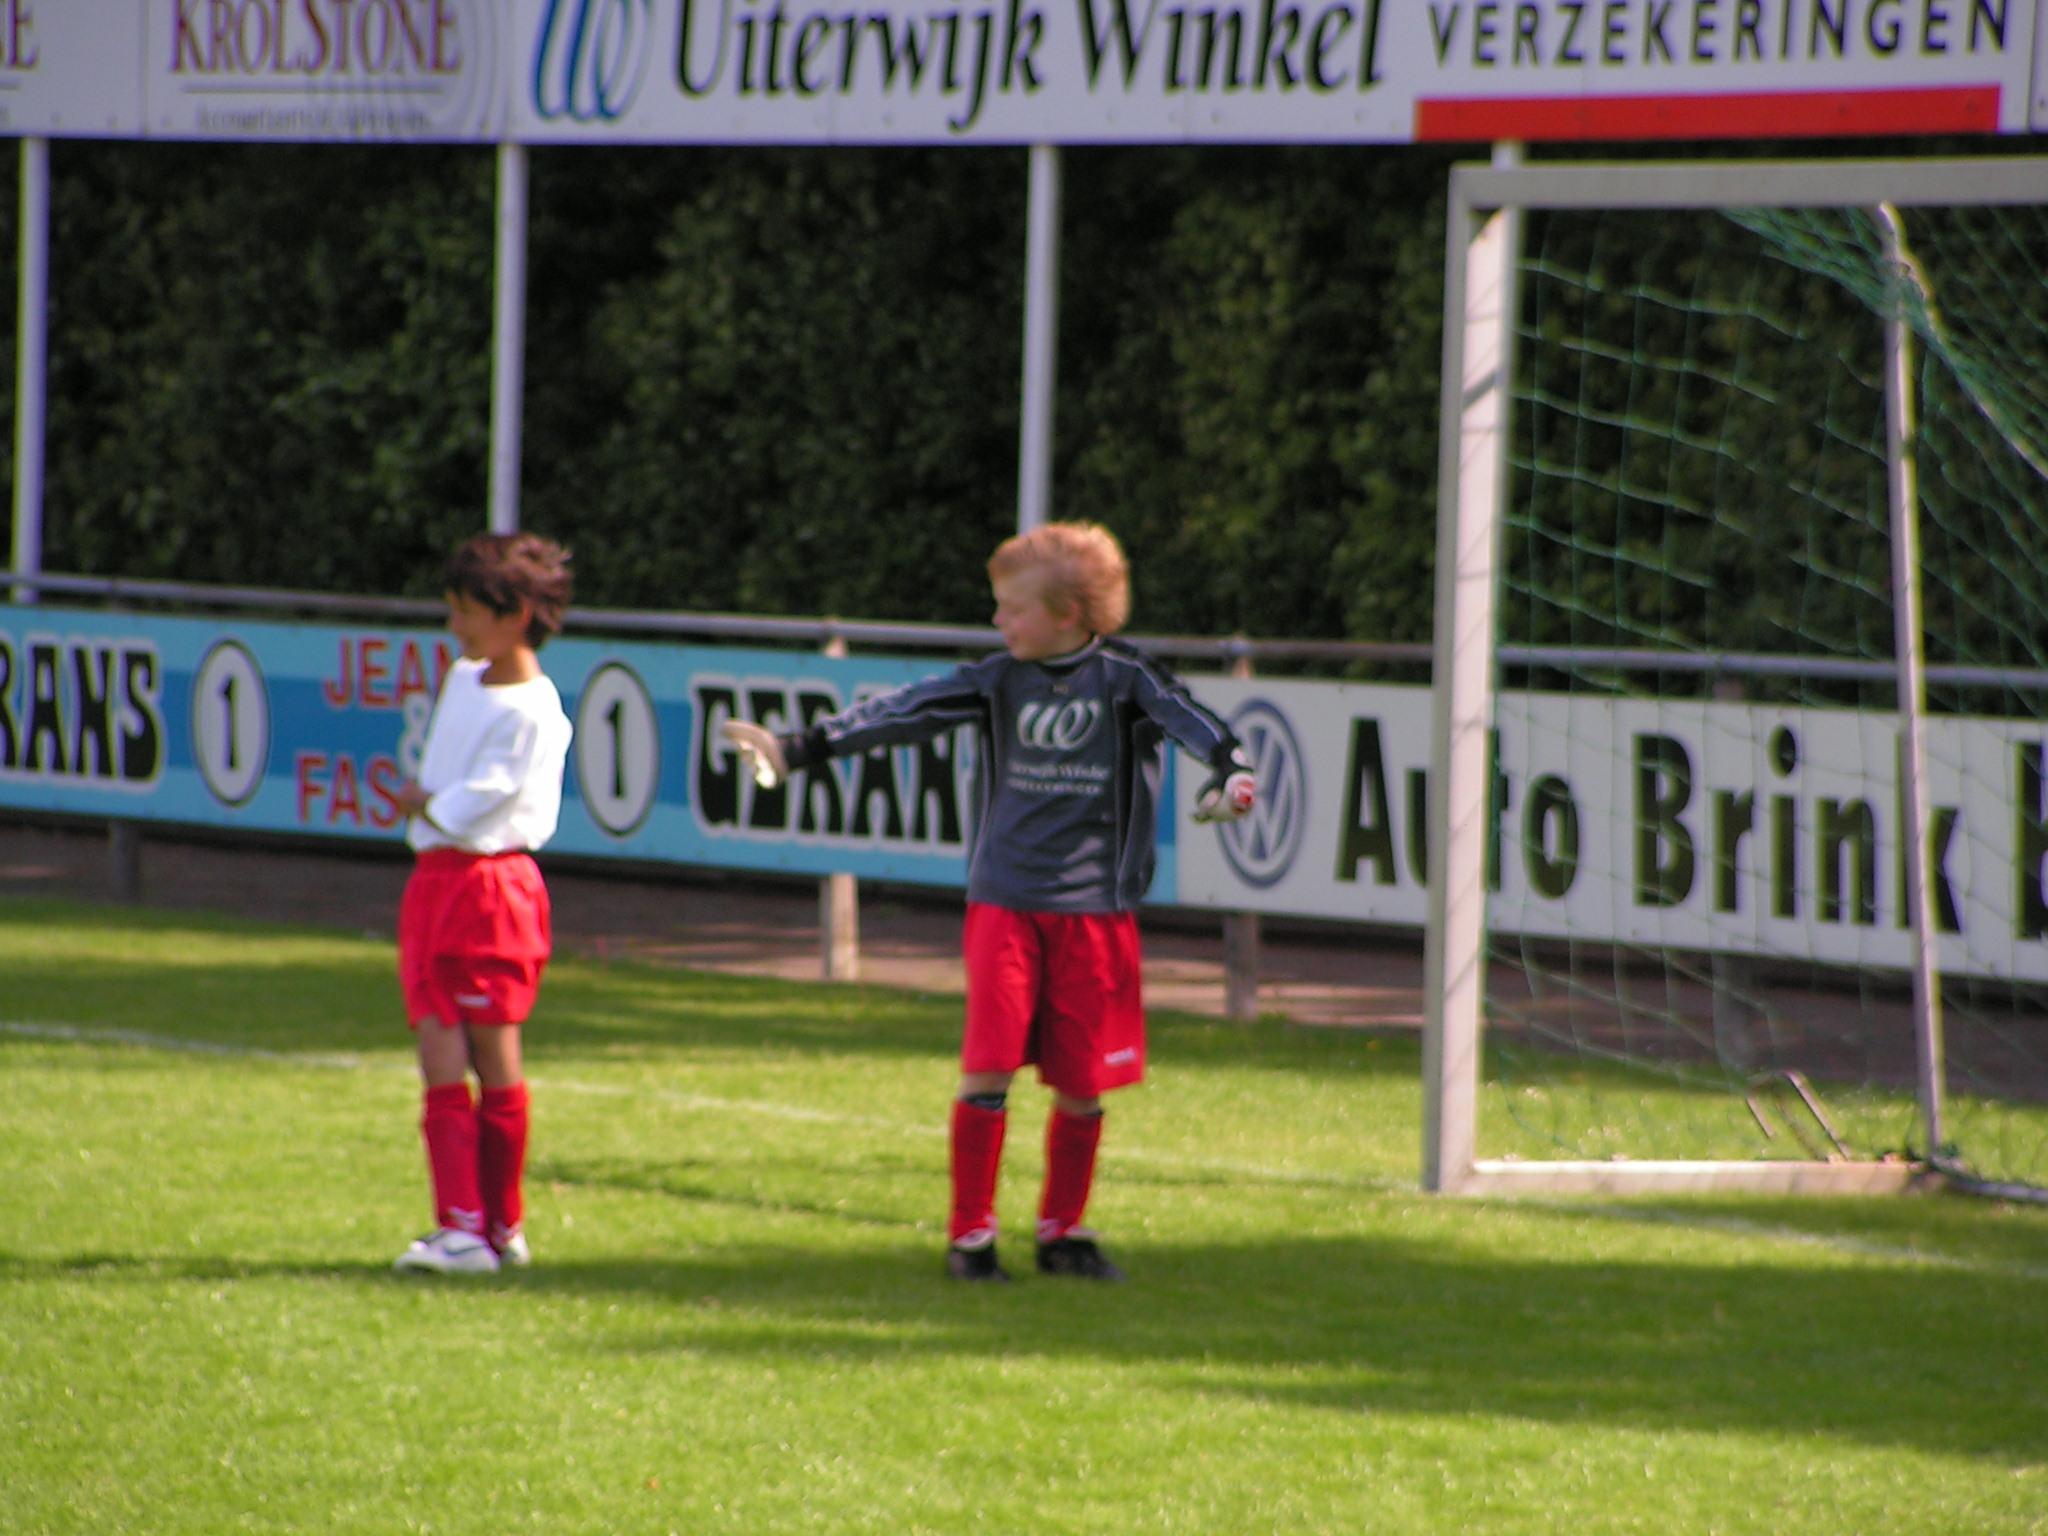 De voetballer Sem (november 2008)